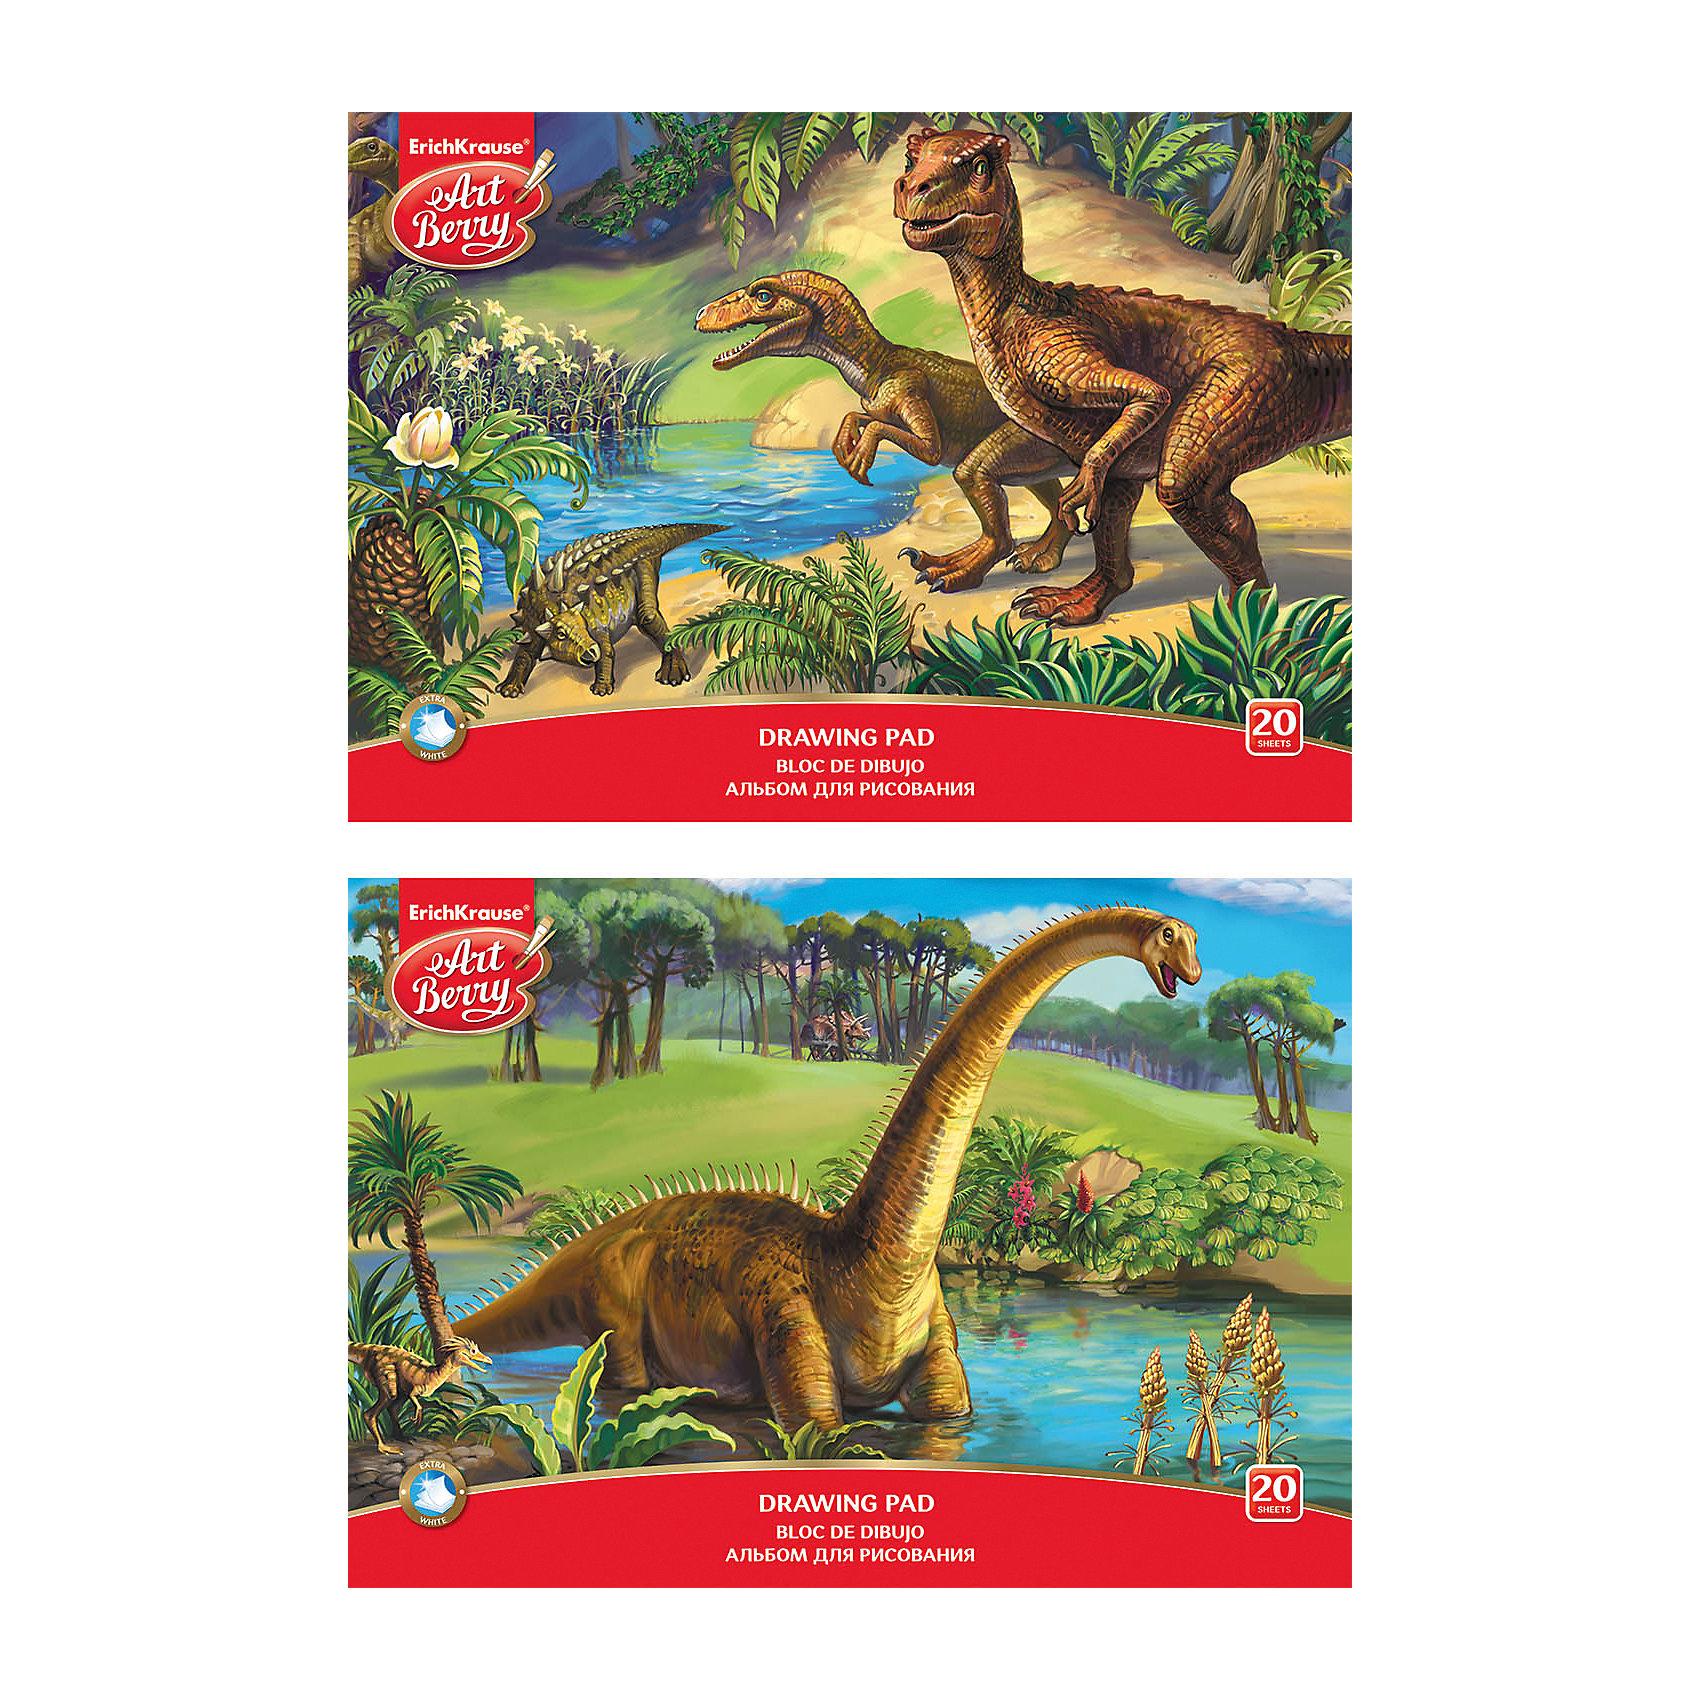 Альбом для рисования А4 20л Эра динозавров, ArtBerryБумажная продукция<br>Альбом для рисования А4 20л Эра динозавров, ArtBerry<br><br>Характеристики:<br><br>• В набор входит: 1 альбом<br>• Количество листов: 20 <br>• Материал: картон мелованный, бумага офсетная 120 г/м<br>• Тип переплёта: склейка<br>• Формат: А4 <br>• Размер упаковки: 29,7 * 0,3 * 21 см.<br>• Вес: 191 г.<br>• Для детей в возрасте: от 3-х лет<br>• Страна производитель: Россия<br><br>Прекрасная обложка с рисунком динозавров будет вдохновлять будущего художника. Производитель предлагает два варианта оформления альбома, к сожалению расцветку нельзя выбрать заранее. Качественная белая бумага отлично подойдёт для рисунков карандашами, фломастерами или восковыми мелками. Проклеенные листы легко вырывать из альбома, оставляя края ровными и аккуратными. Теперь вы всегда можете повесить шедевр вашего ребёнка на холодильник или повесить на стену. <br><br>Альбом для рисования А4 20л Эра динозавров, ArtBerry можно купить в нашем интернет-магазине.<br><br>Ширина мм: 299<br>Глубина мм: 210<br>Высота мм: 3<br>Вес г: 191<br>Возраст от месяцев: 60<br>Возраст до месяцев: 216<br>Пол: Унисекс<br>Возраст: Детский<br>SKU: 5409364